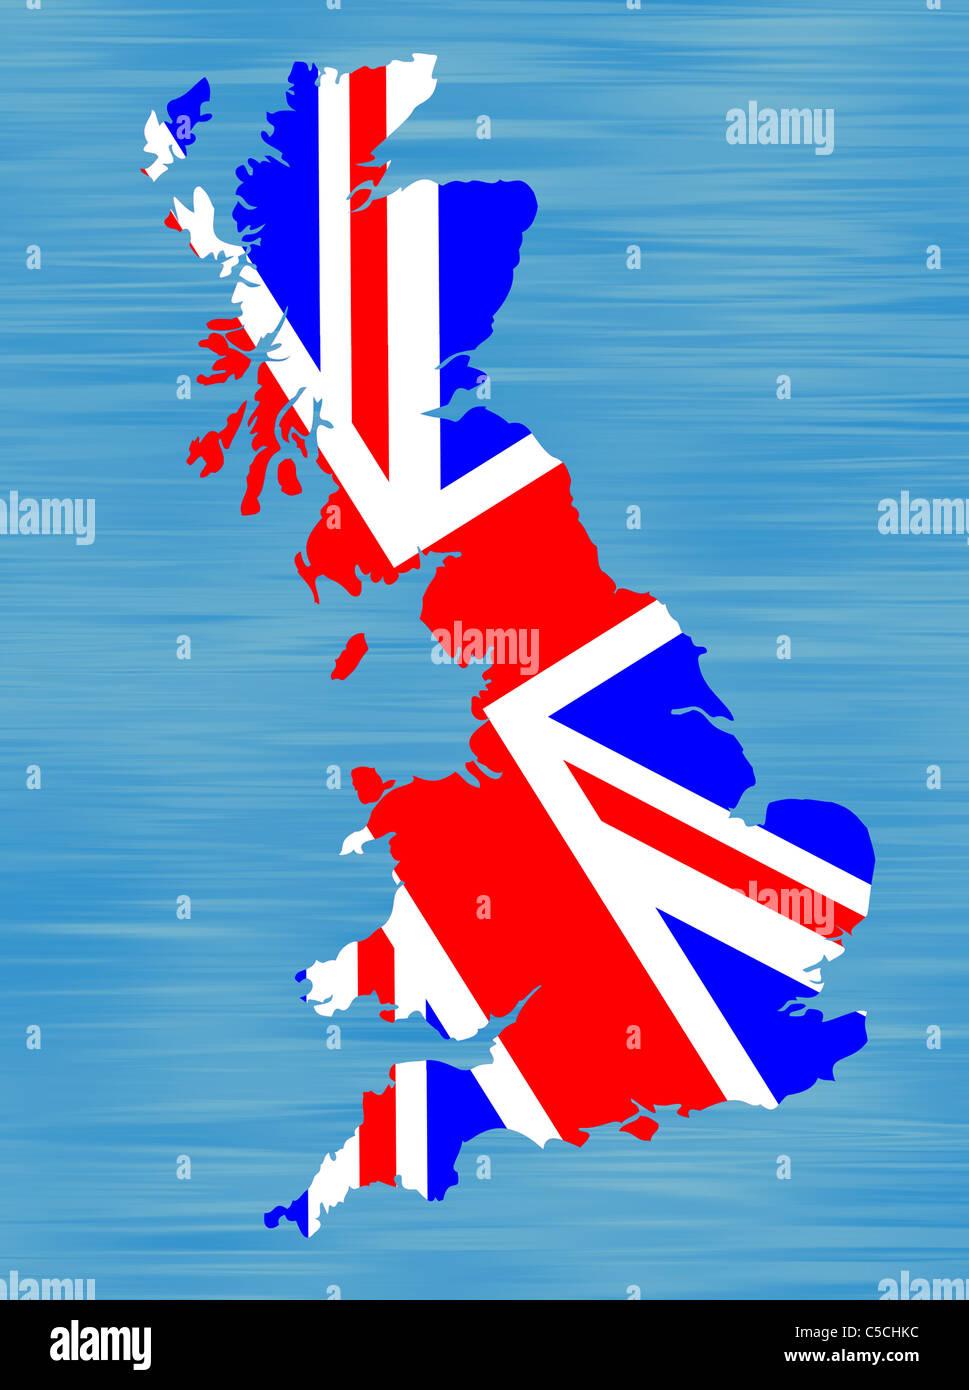 Immagini Della Cartina Della Gran Bretagna.Disegno Di Una Mappa Della Gran Bretagna Infilled Con Bandiera Britannica Foto Stock Alamy